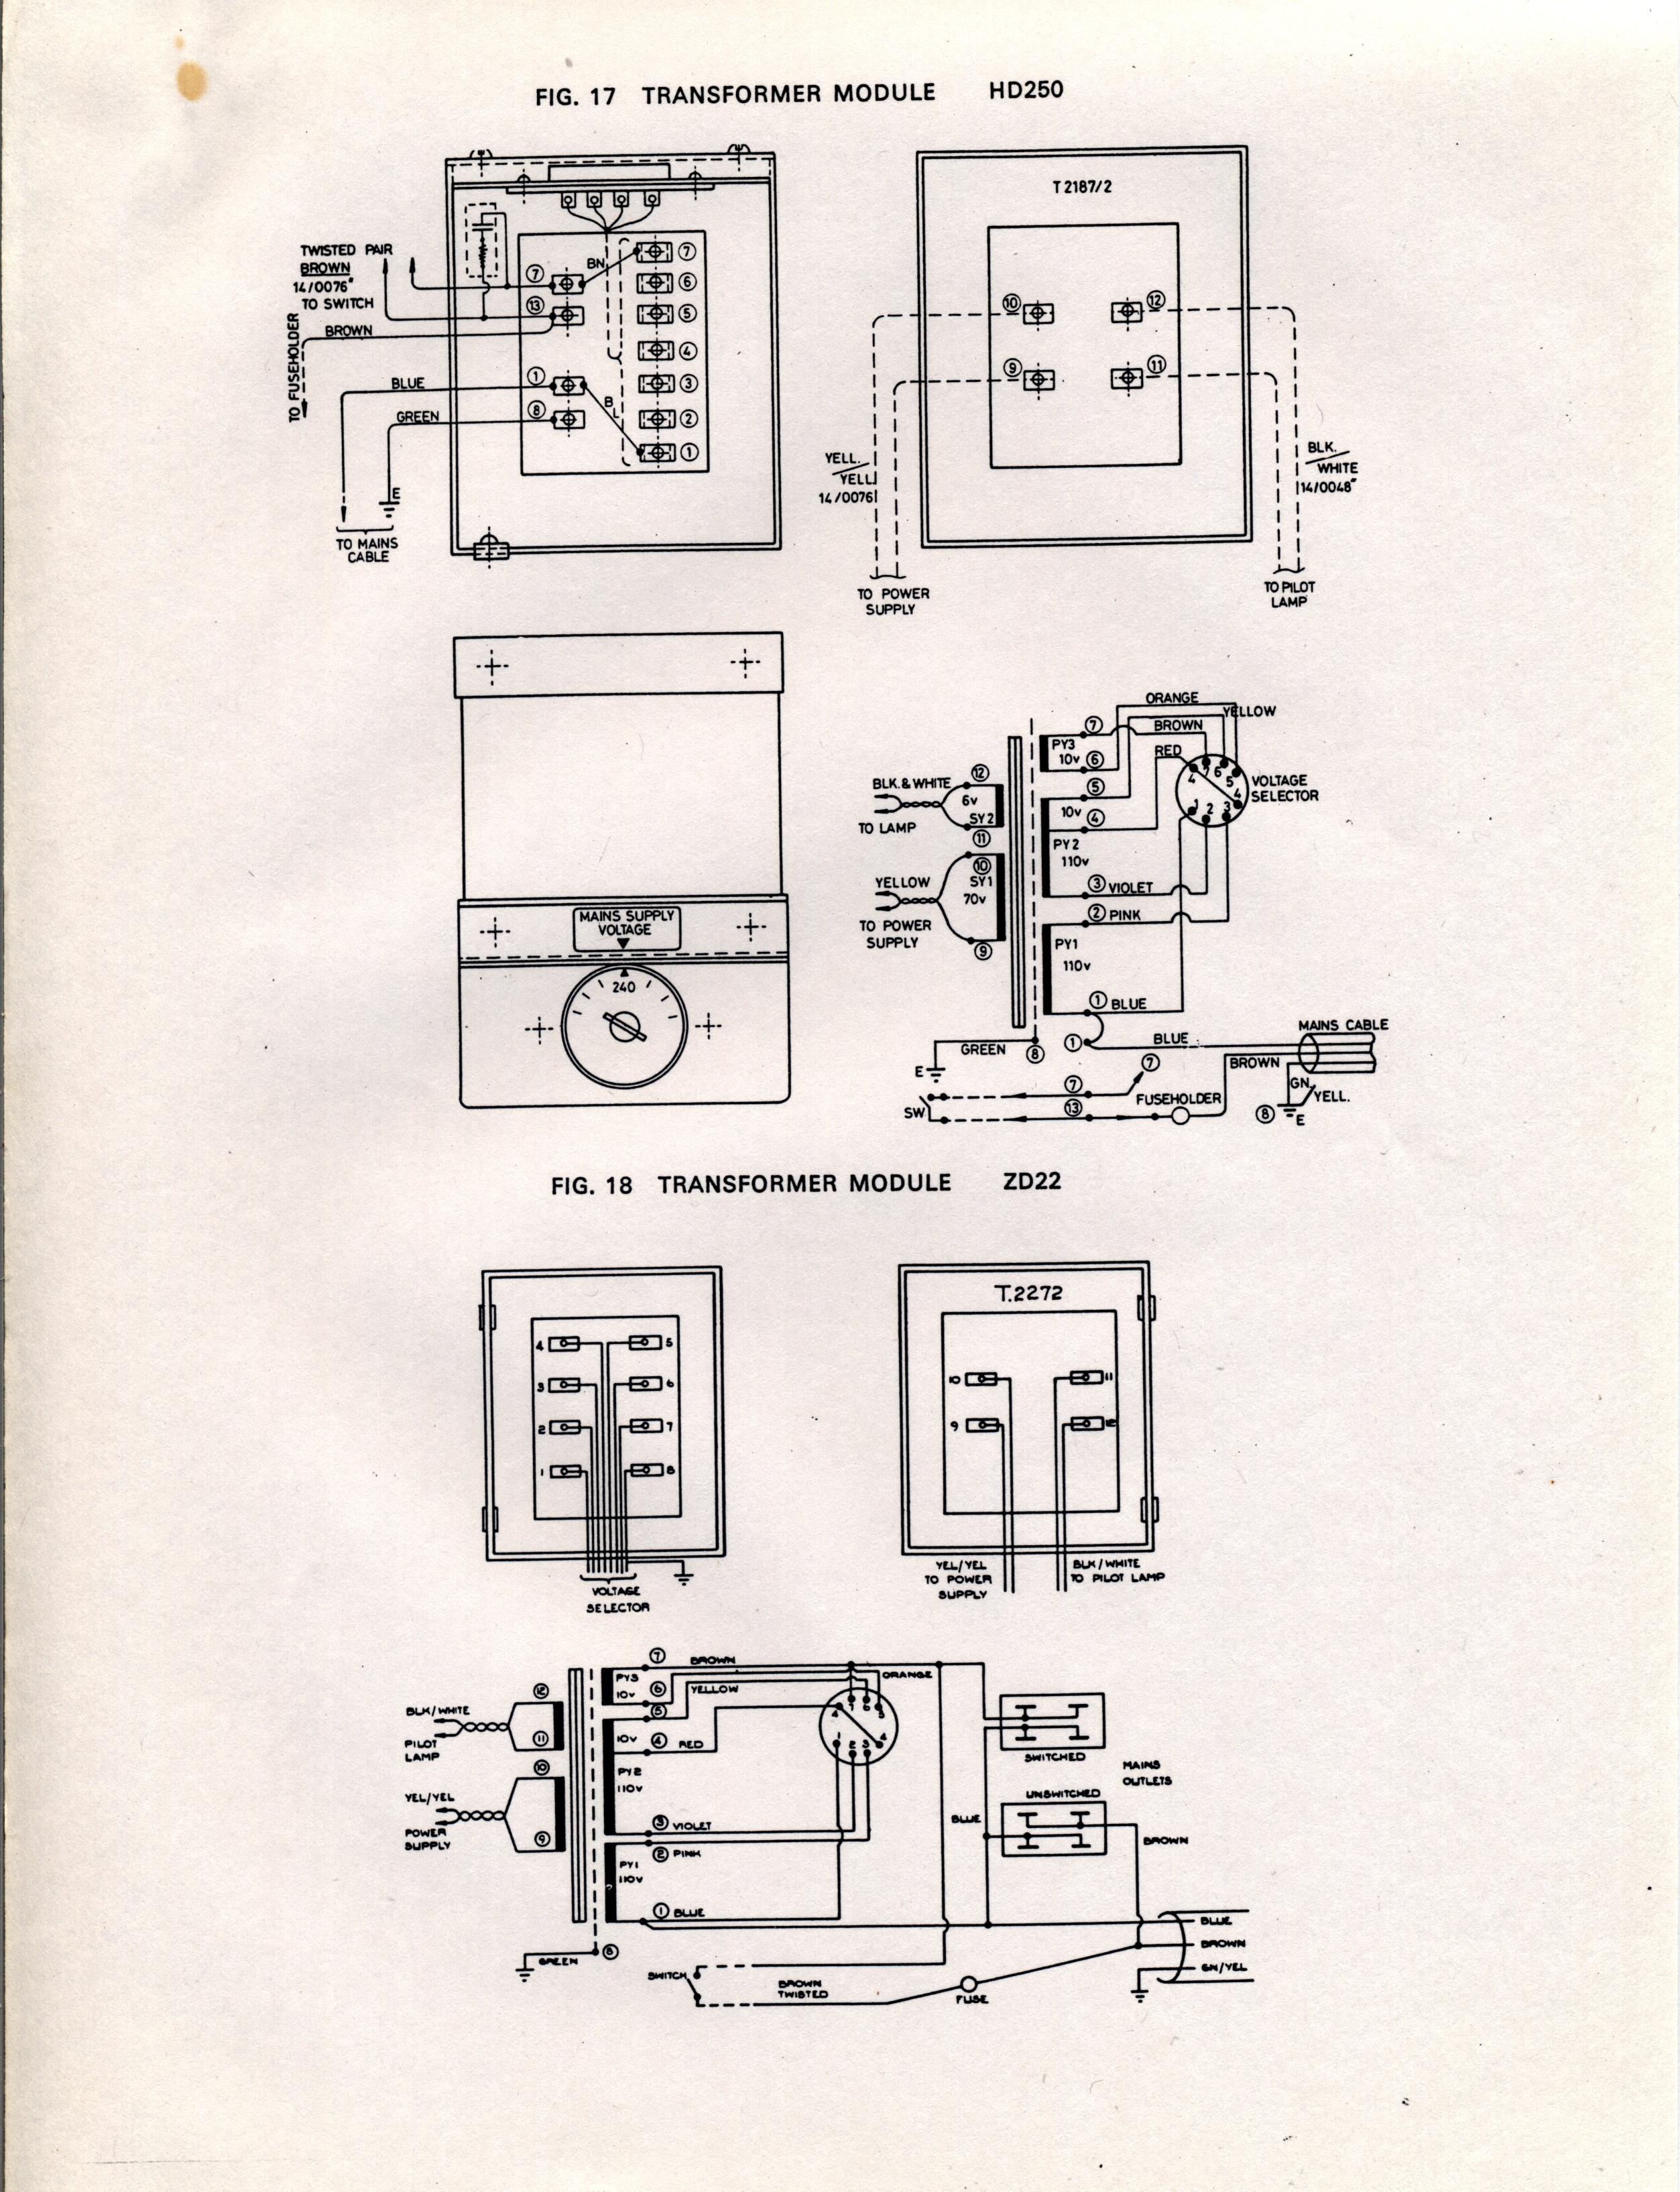 Erfreut Edwards 592 Transformator Schaltplan Bilder - Elektrische ...